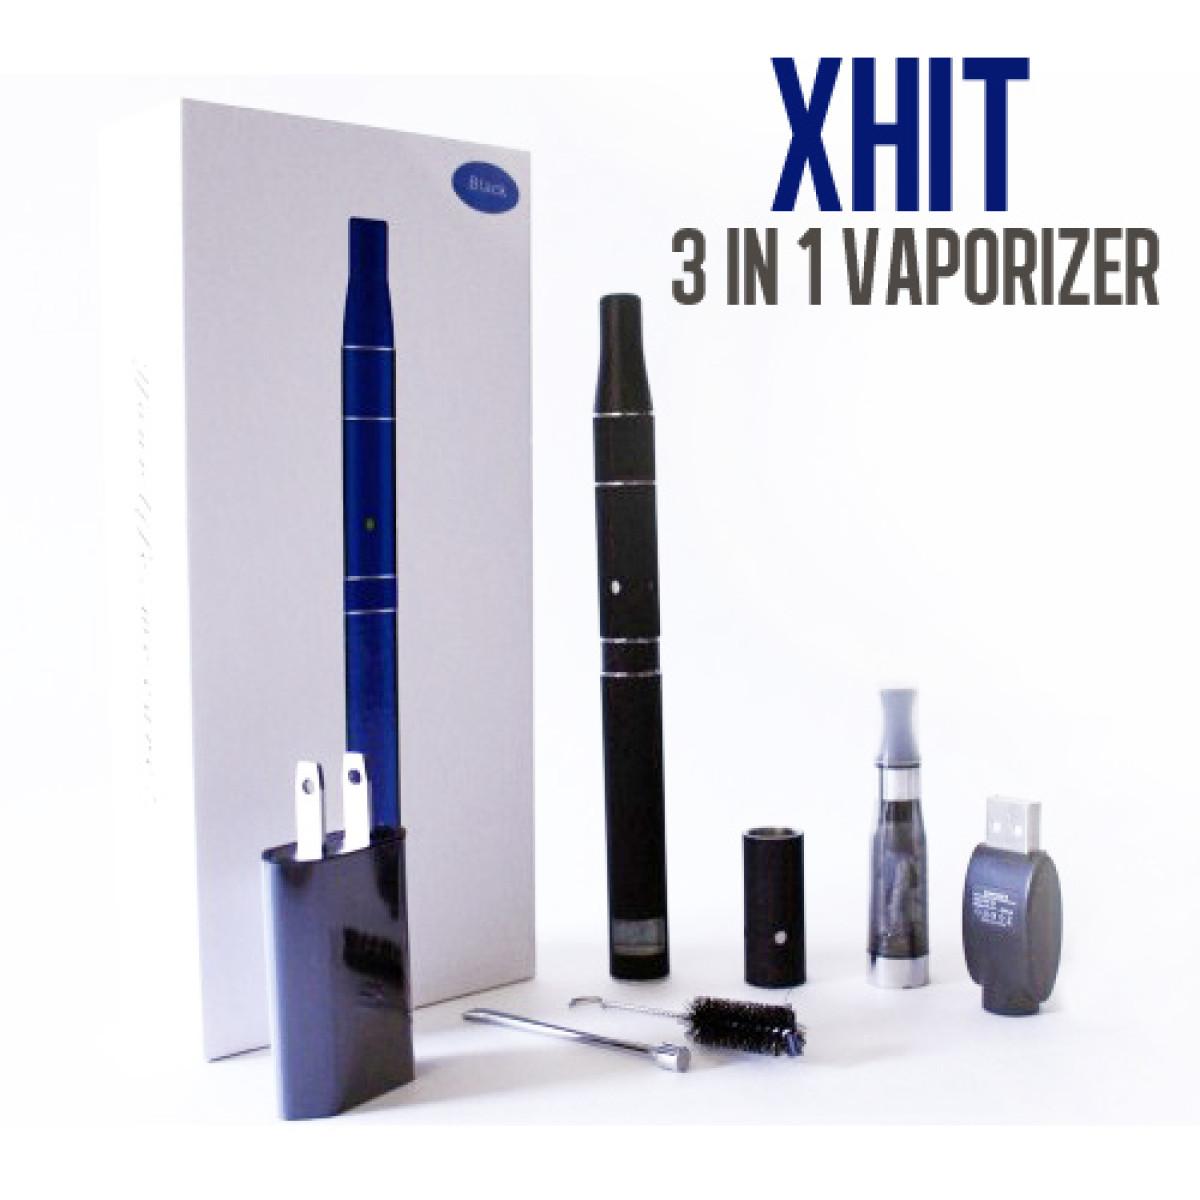 XHit Vape